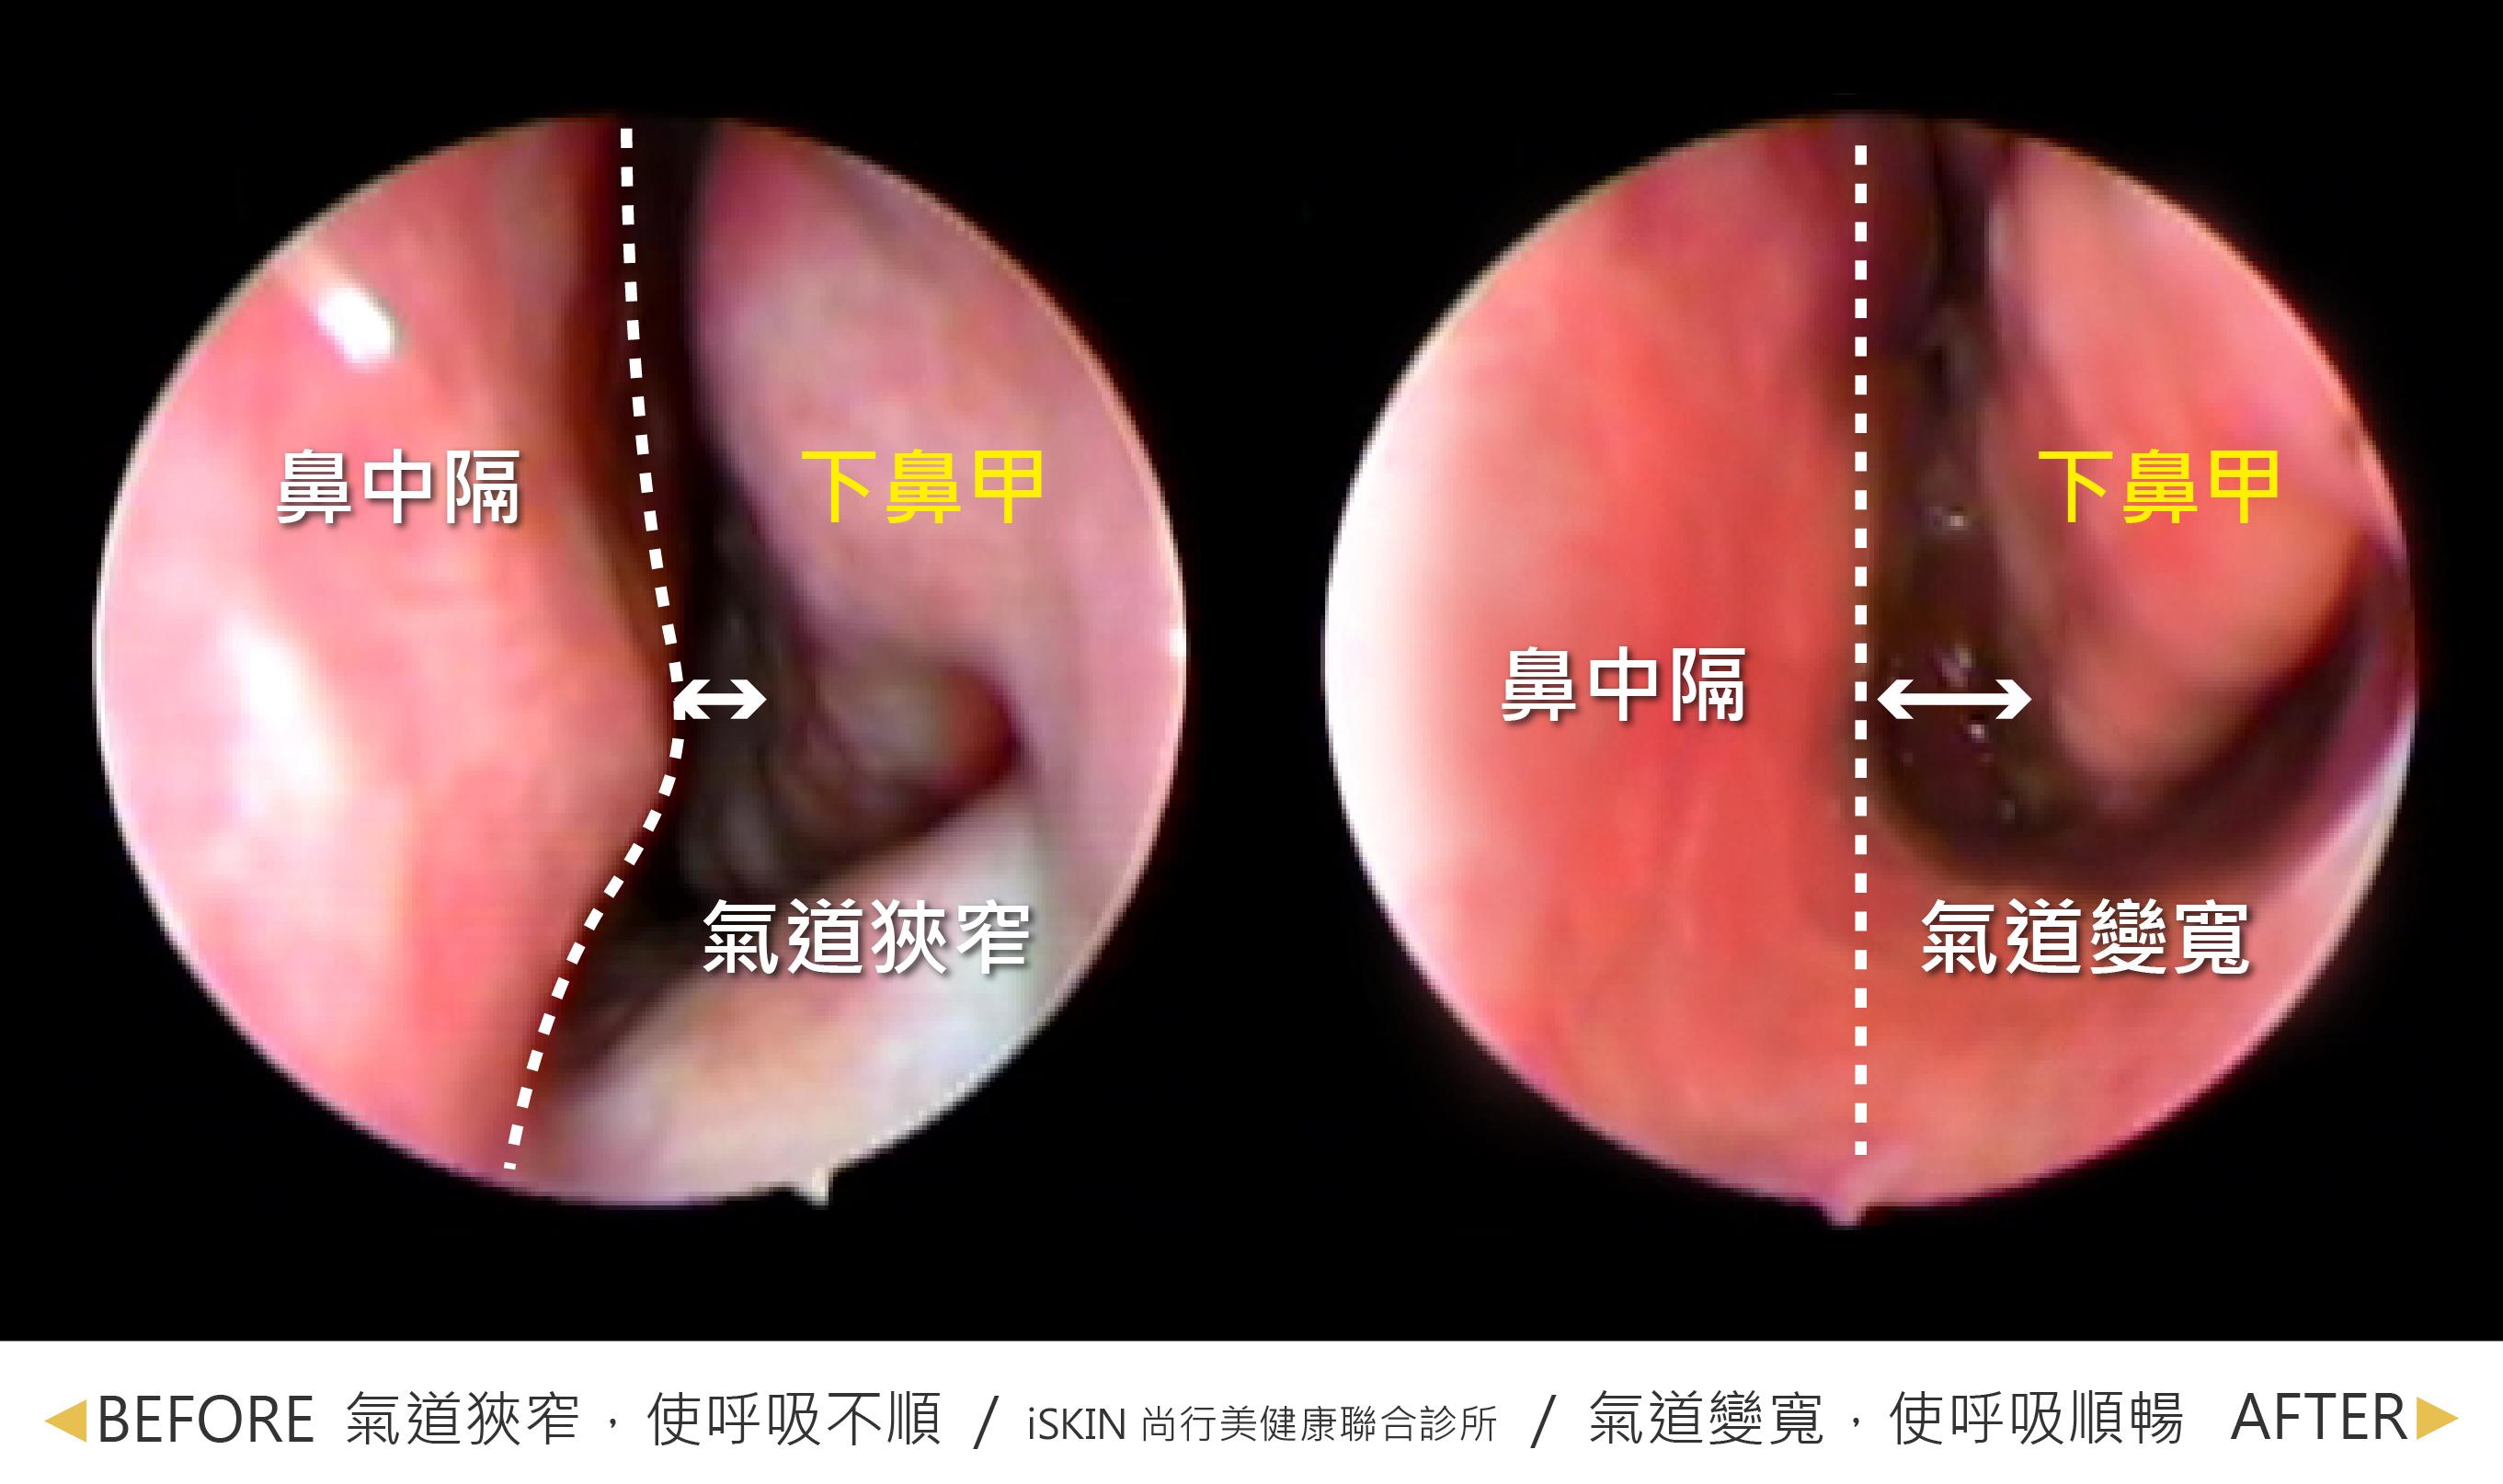 在廣達光纖雷射+鼻中隔彎曲治療後,下鼻甲體積縮小以及鼻中膈變直做改善,氣道變寬,呼吸也更順暢。